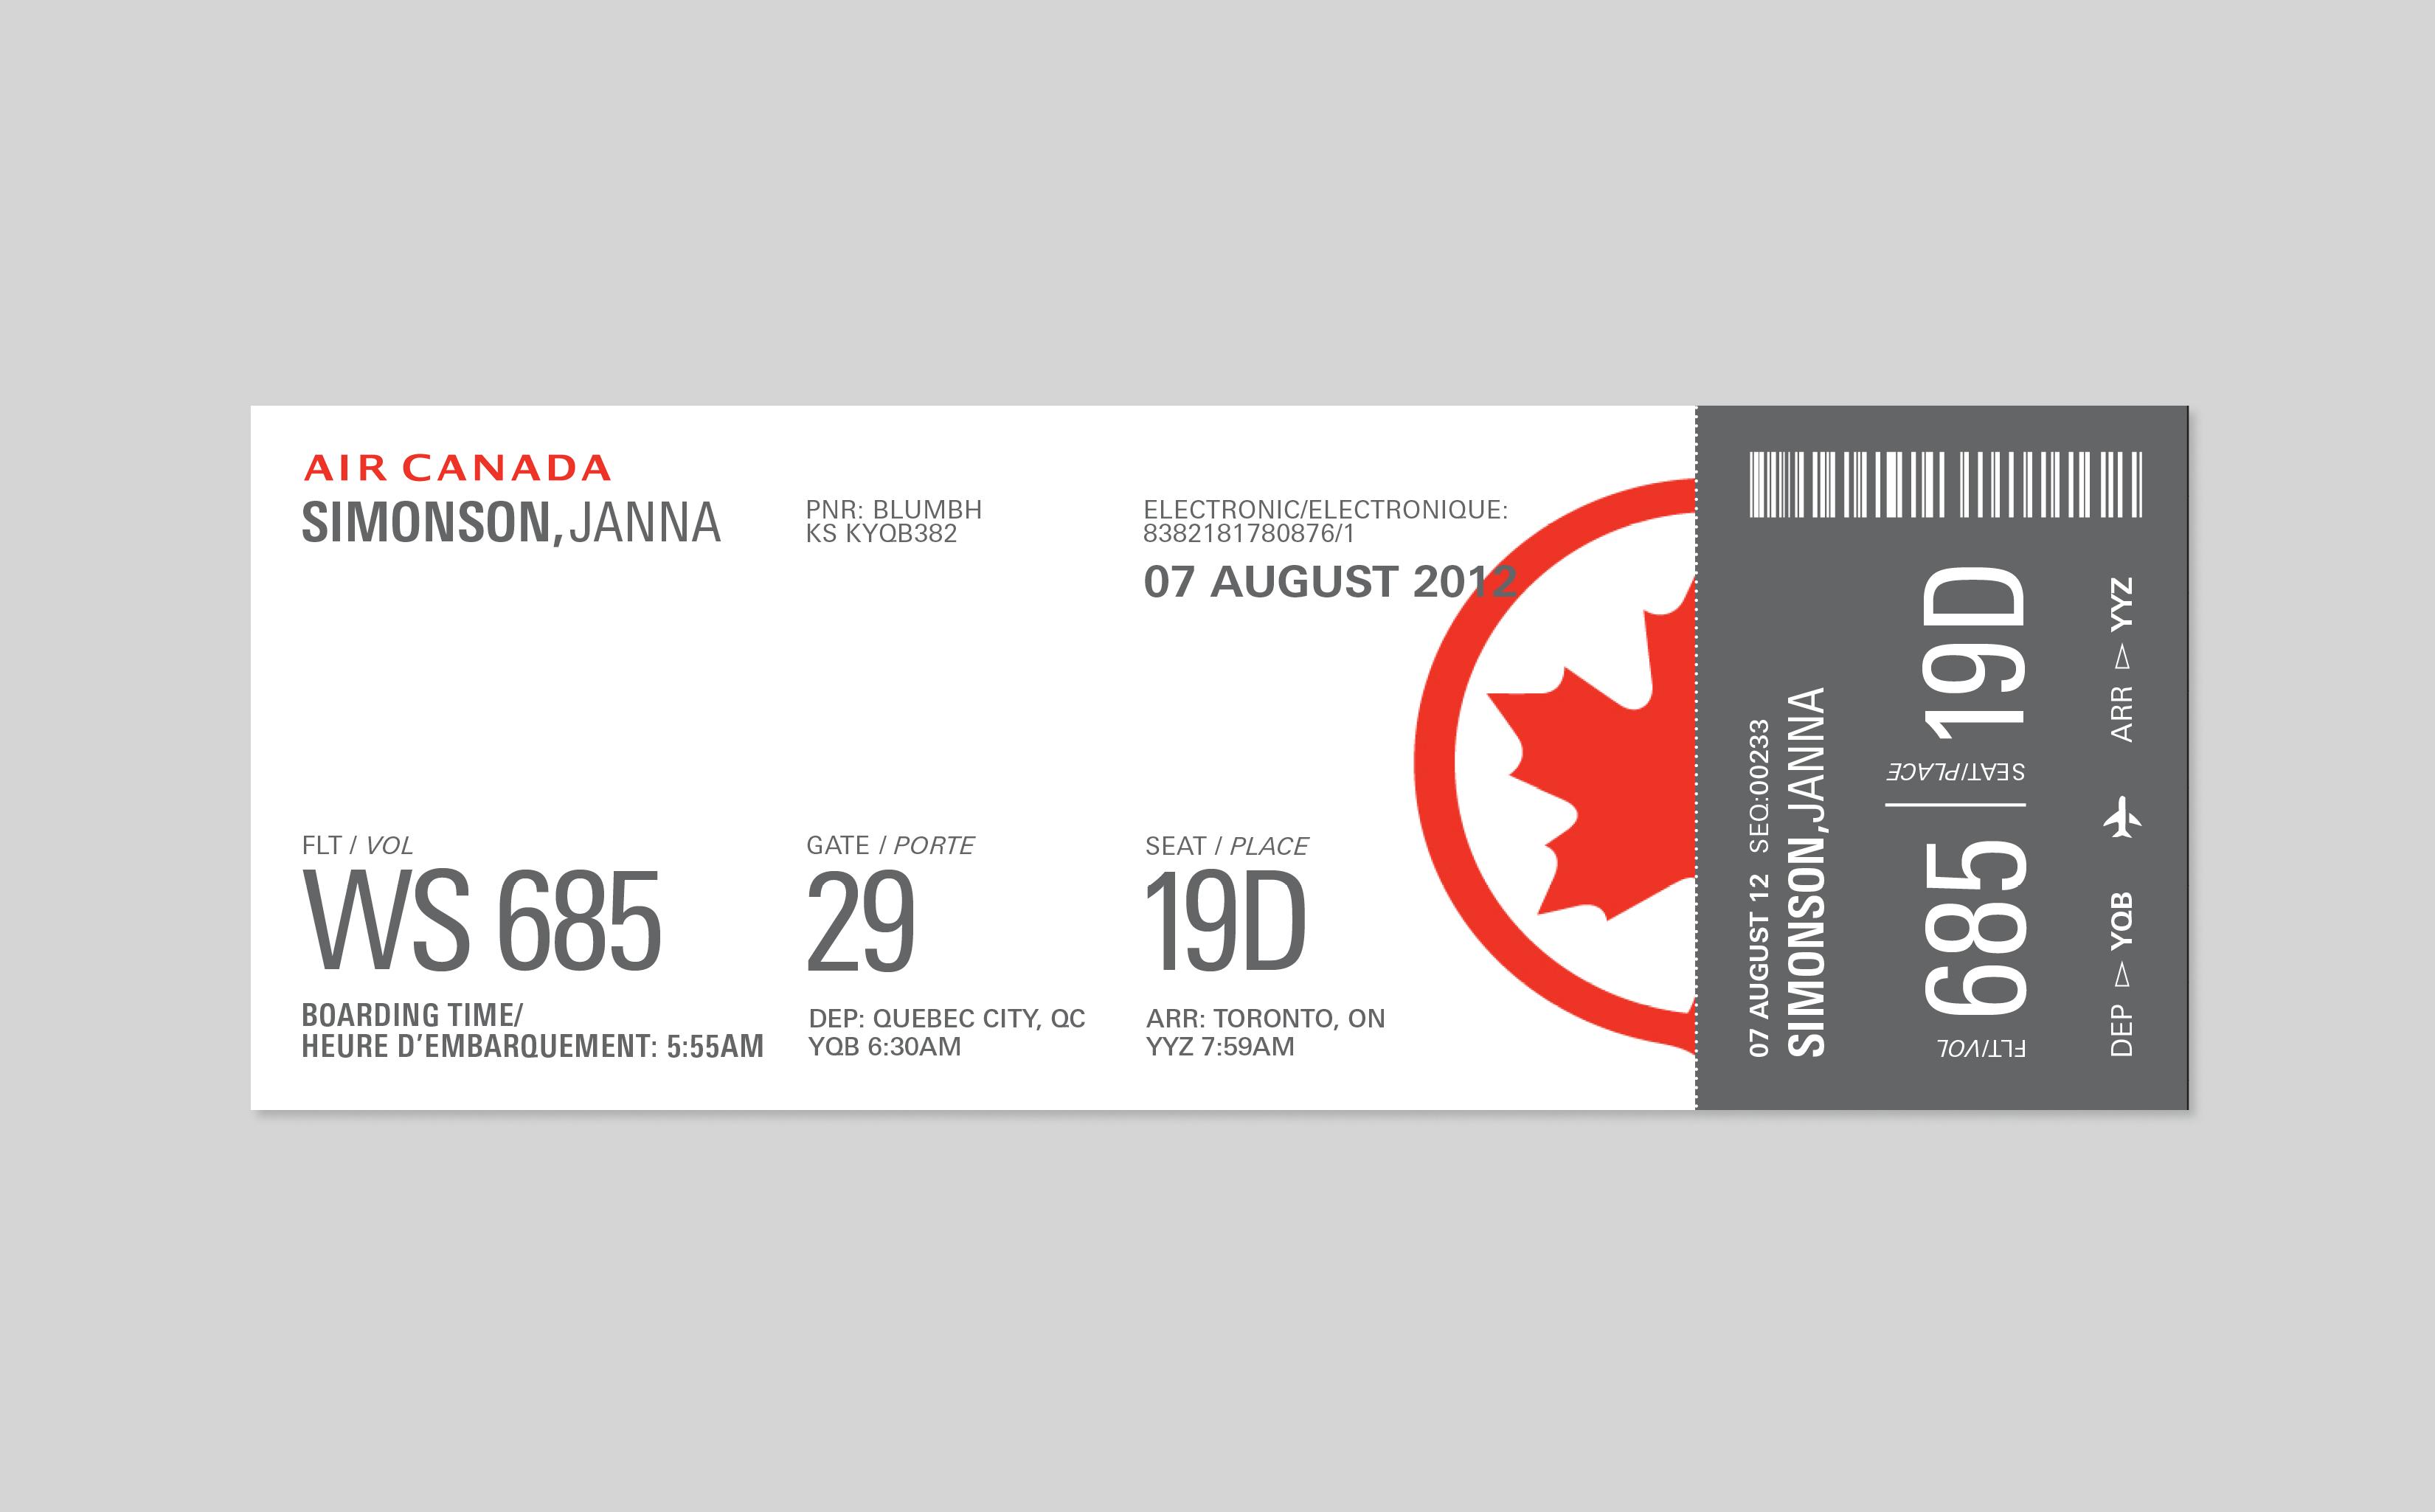 flight airline ticket: